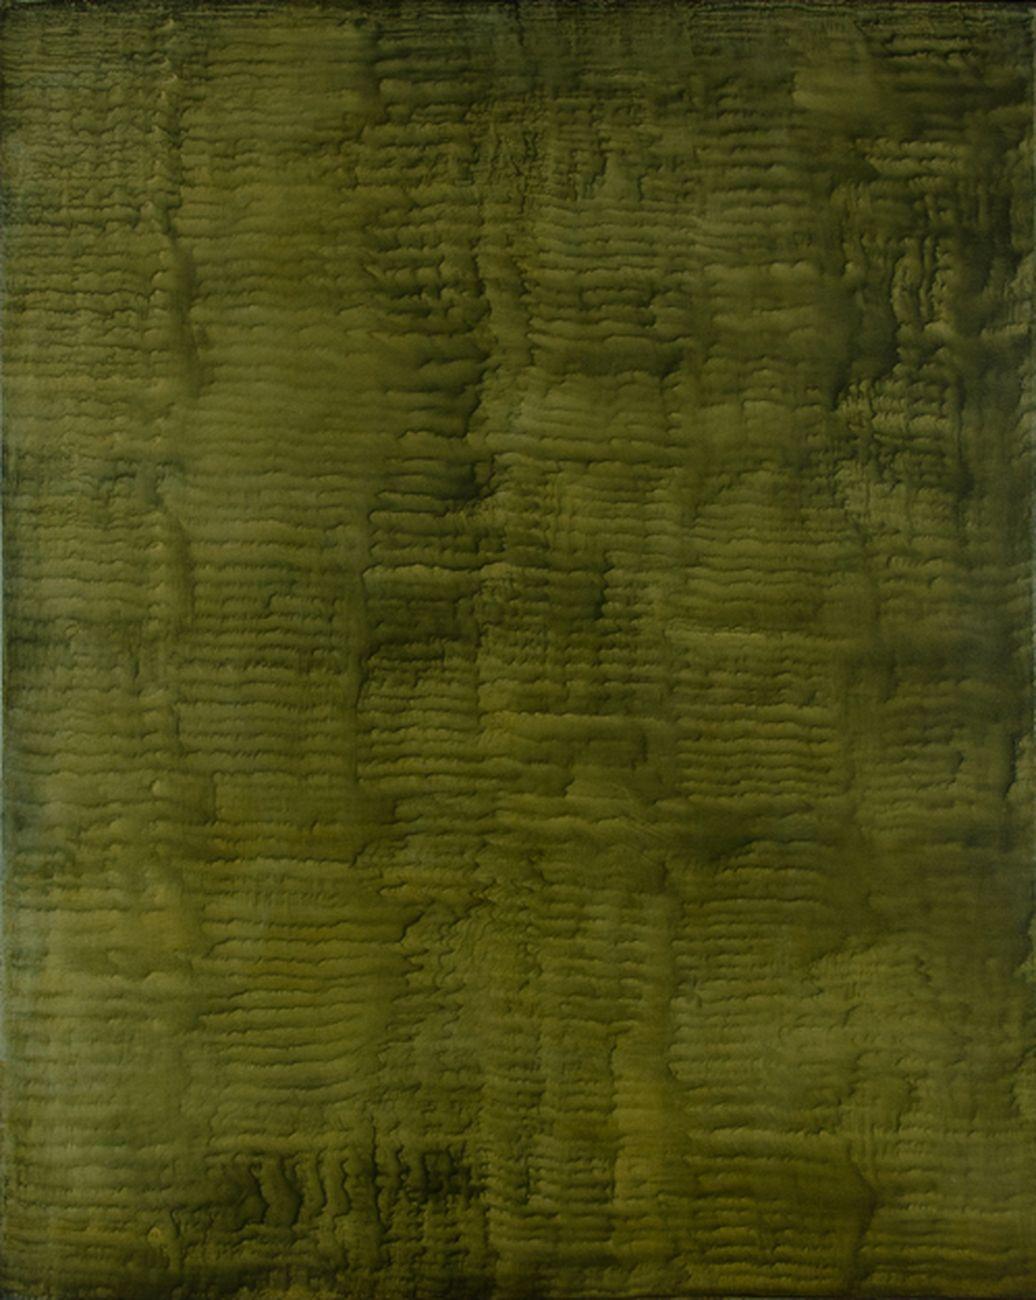 Giuseppe Adamo, Sulcus 02, 2016, acrilico su tela, 100x80 cm